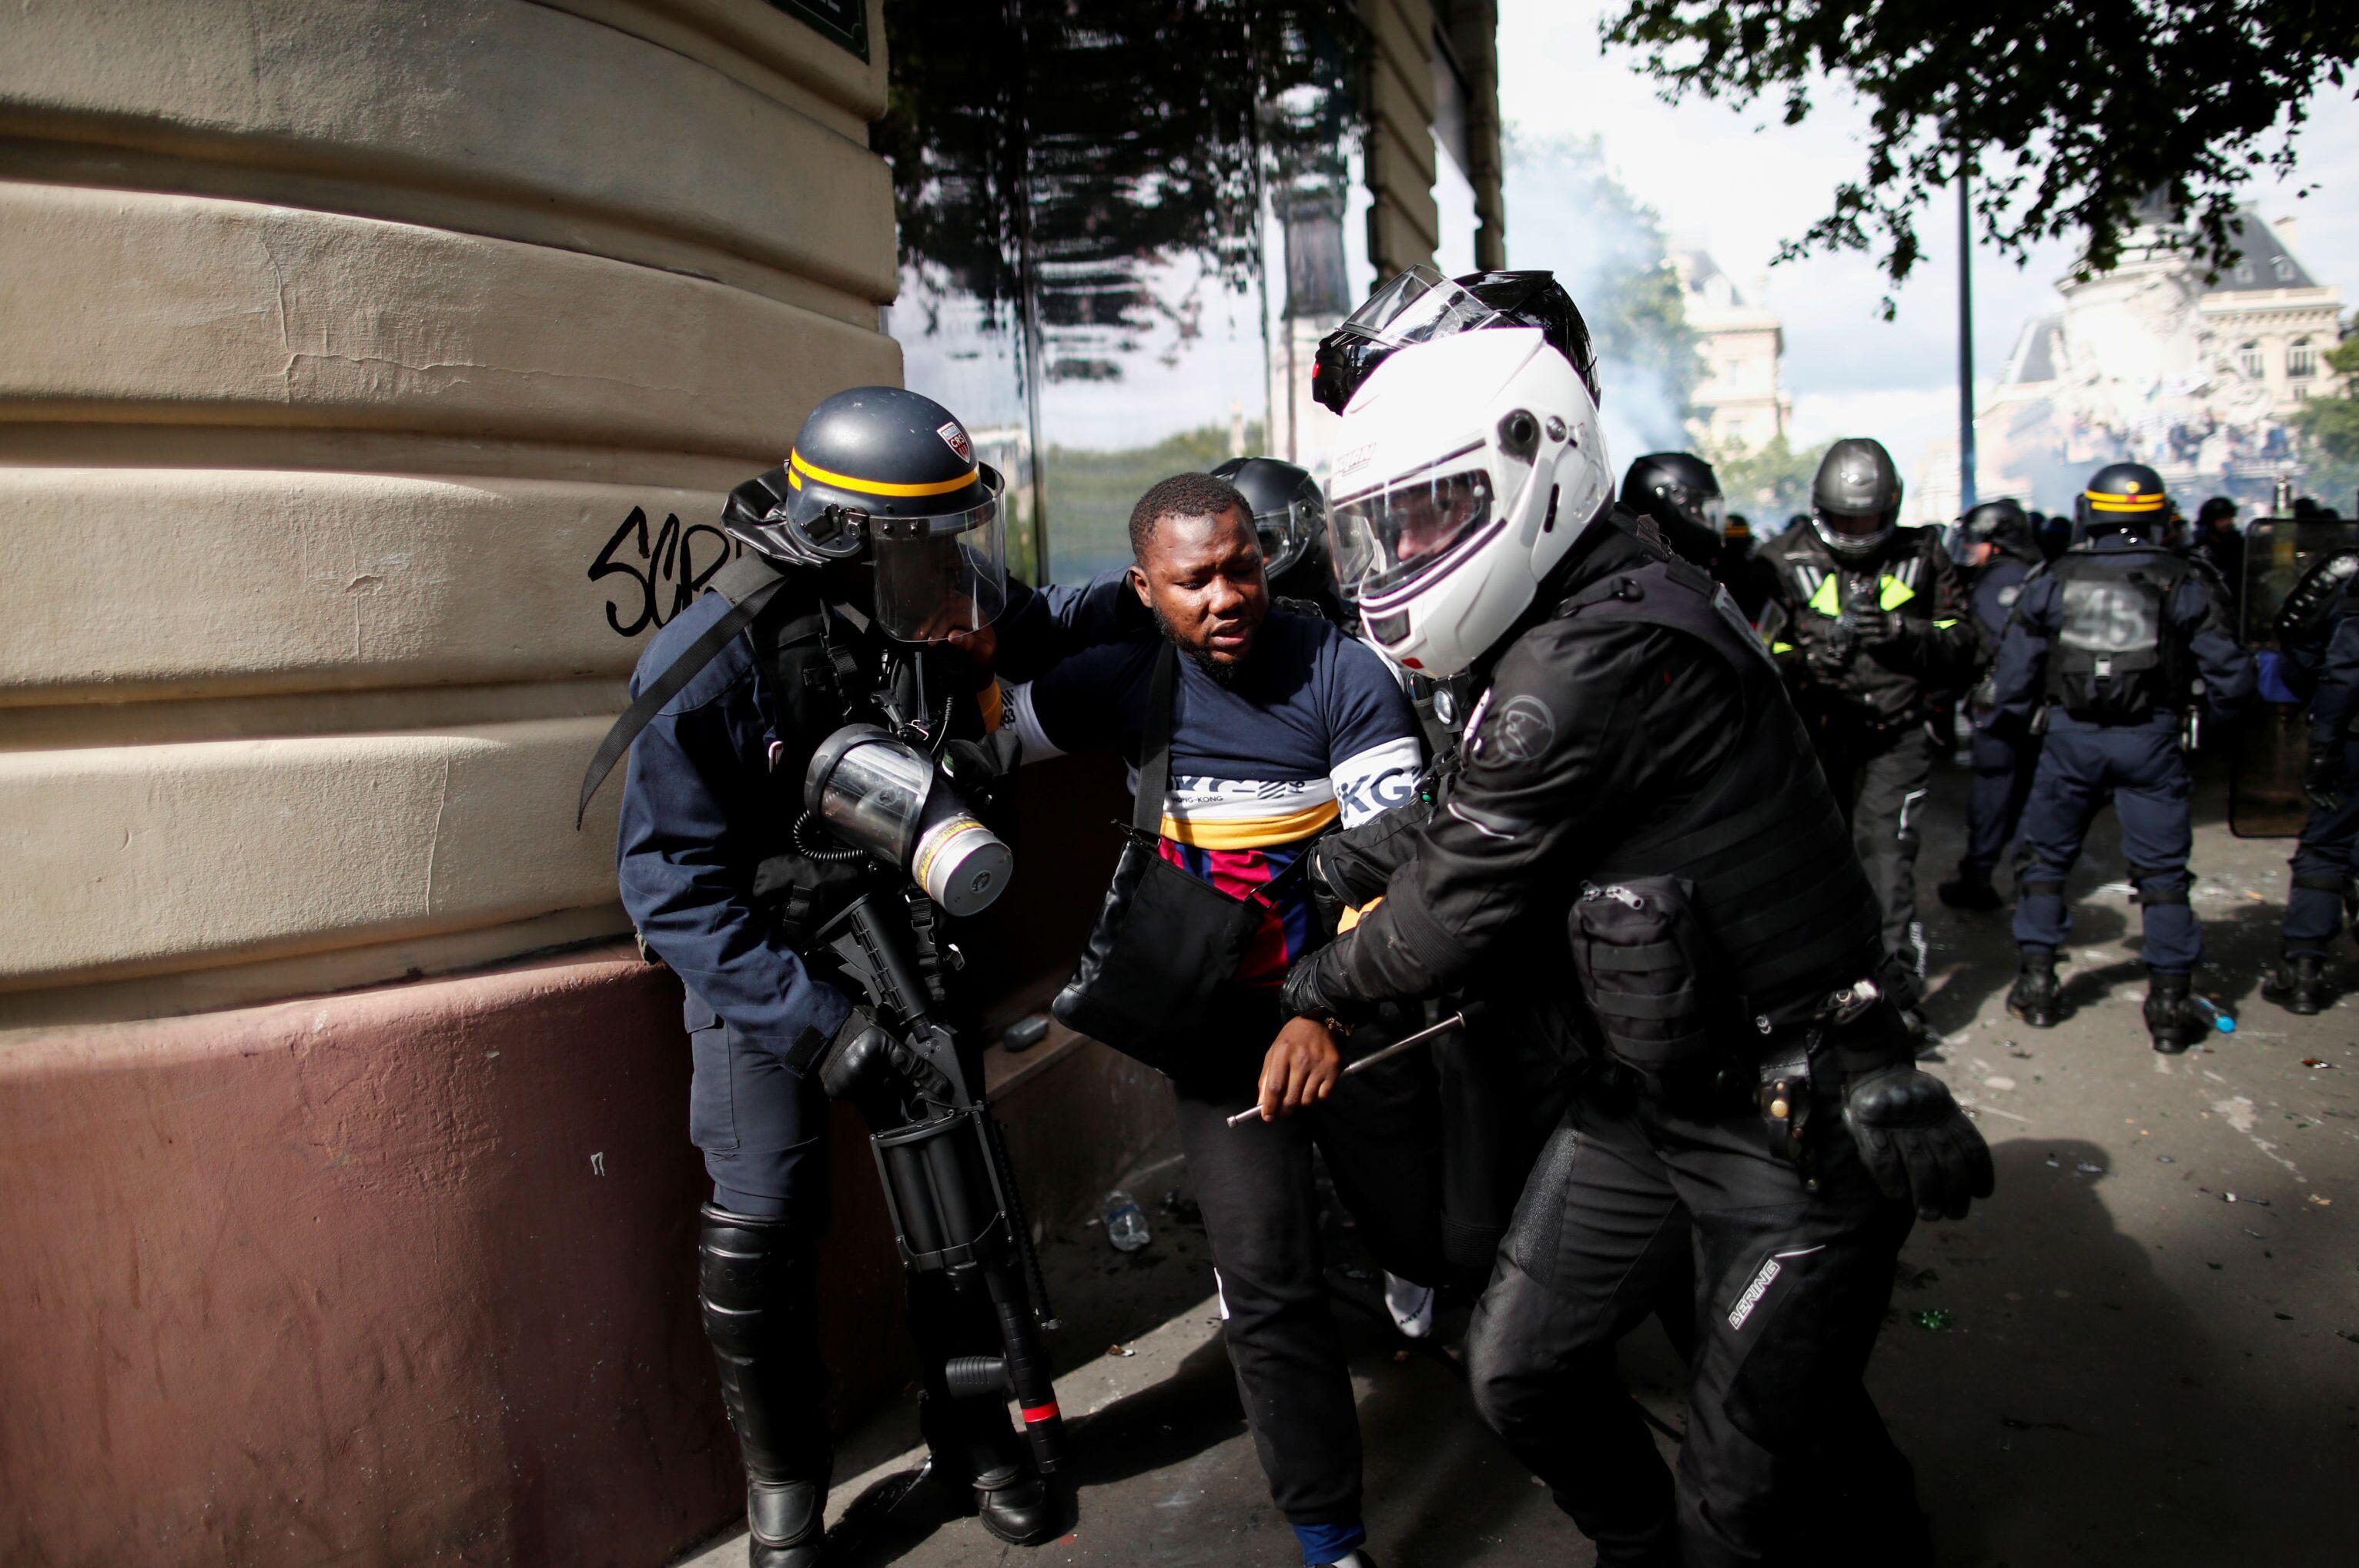 Em Paris, um manifestante é detido pela polícia durante protesto contra a violência policial e o racismo, em 13 de junho de 2020.